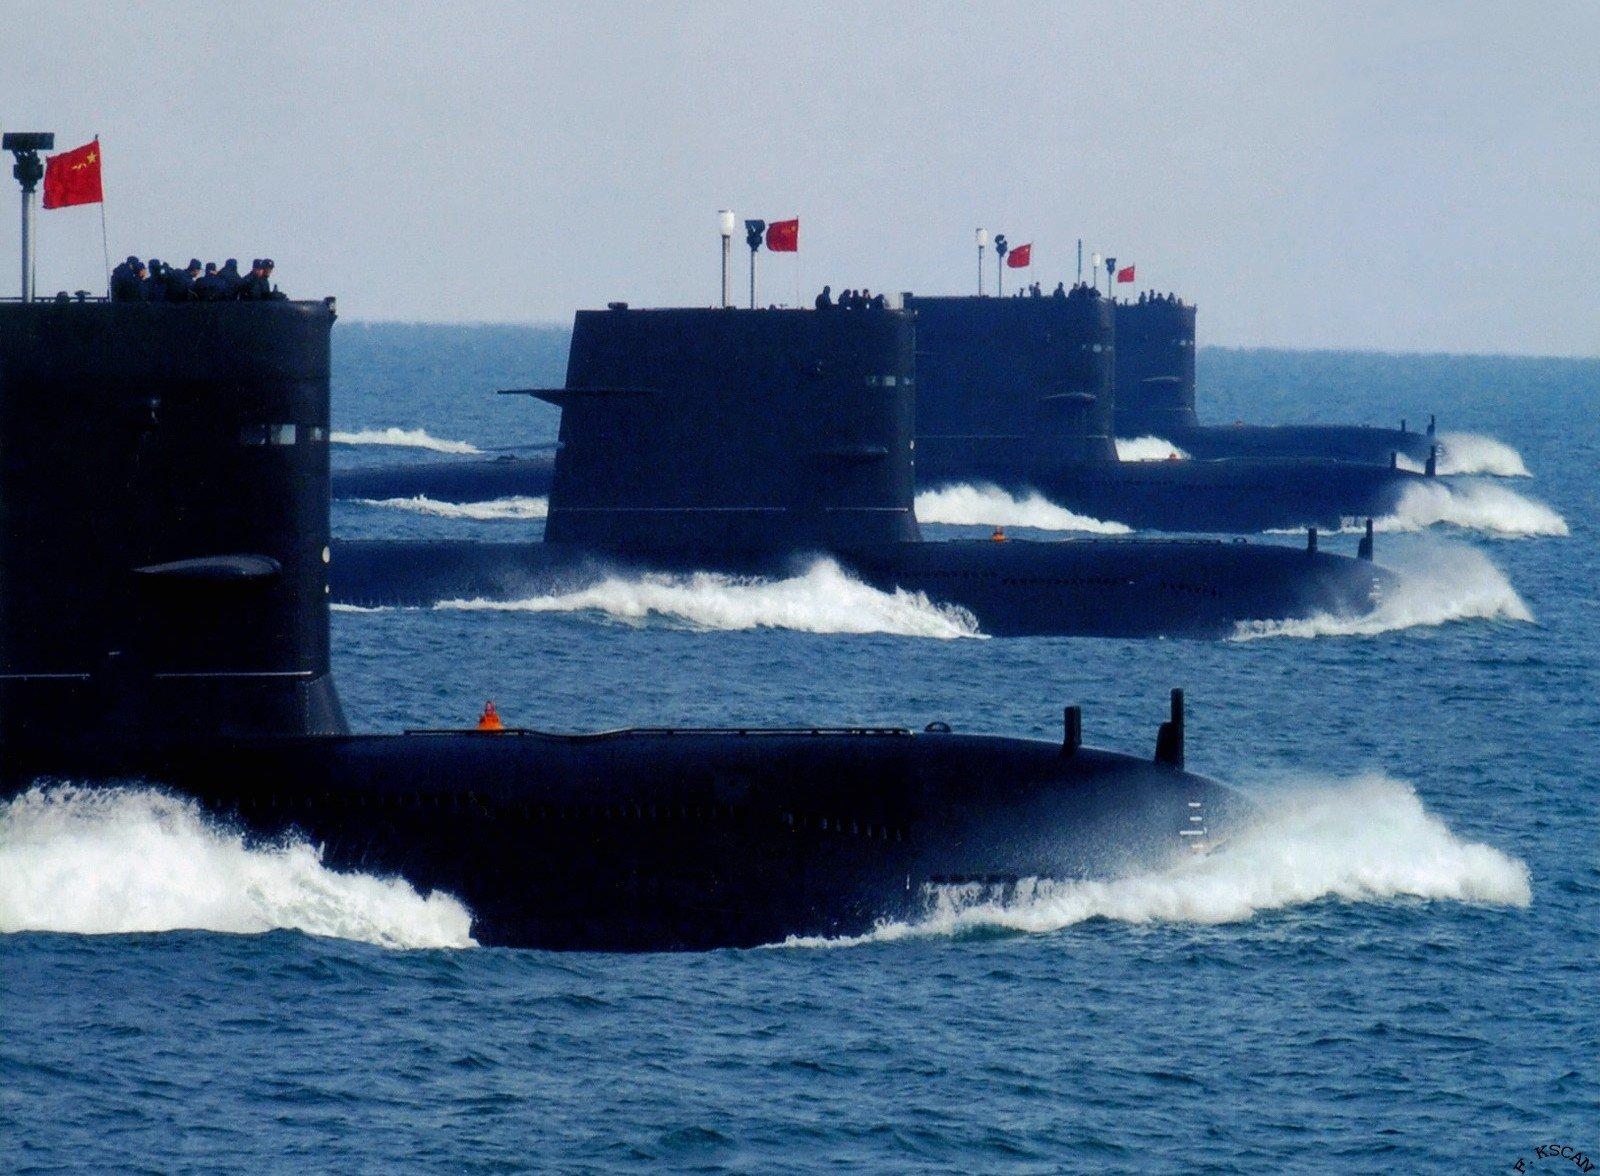 Hình ảnh Siêu tàu sân bay Mỹ bị tàu ngầm Trung Quốc lén bám sát số 3